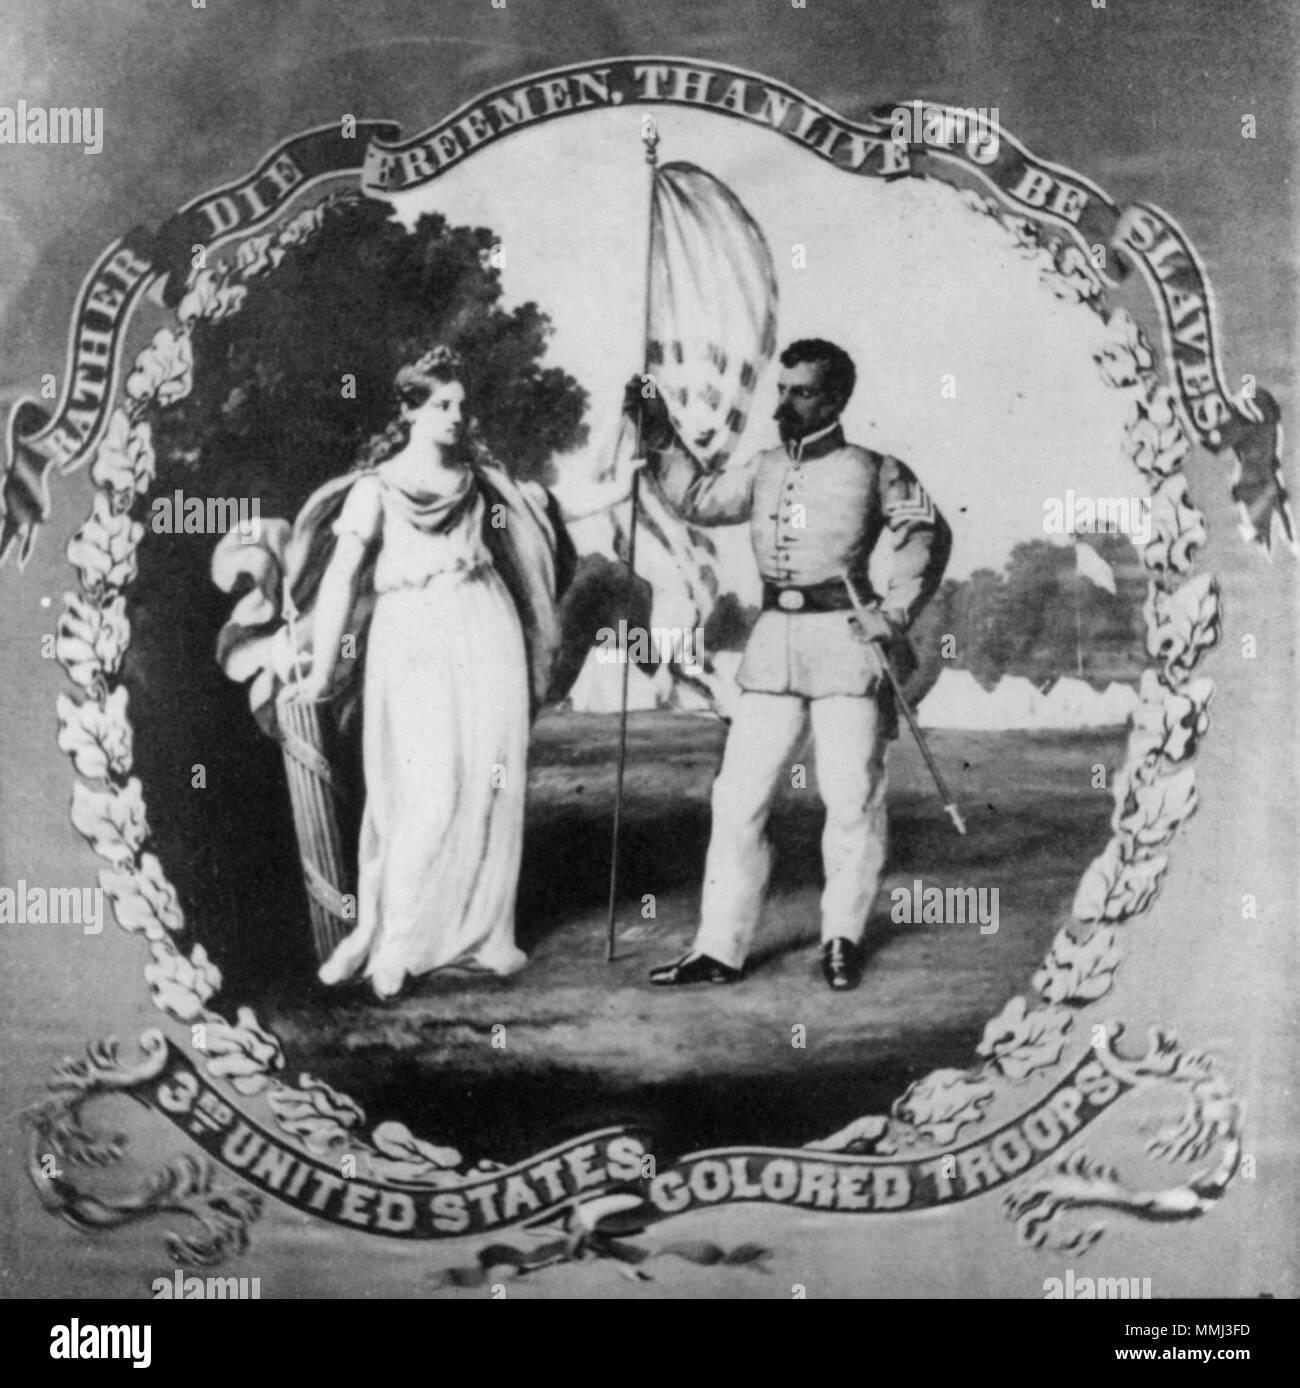 Englisch Bibliothek Des Kongresses Metadaten Titel Lieber Sterben Als Leben Zu Ehrenburgern Sklaven